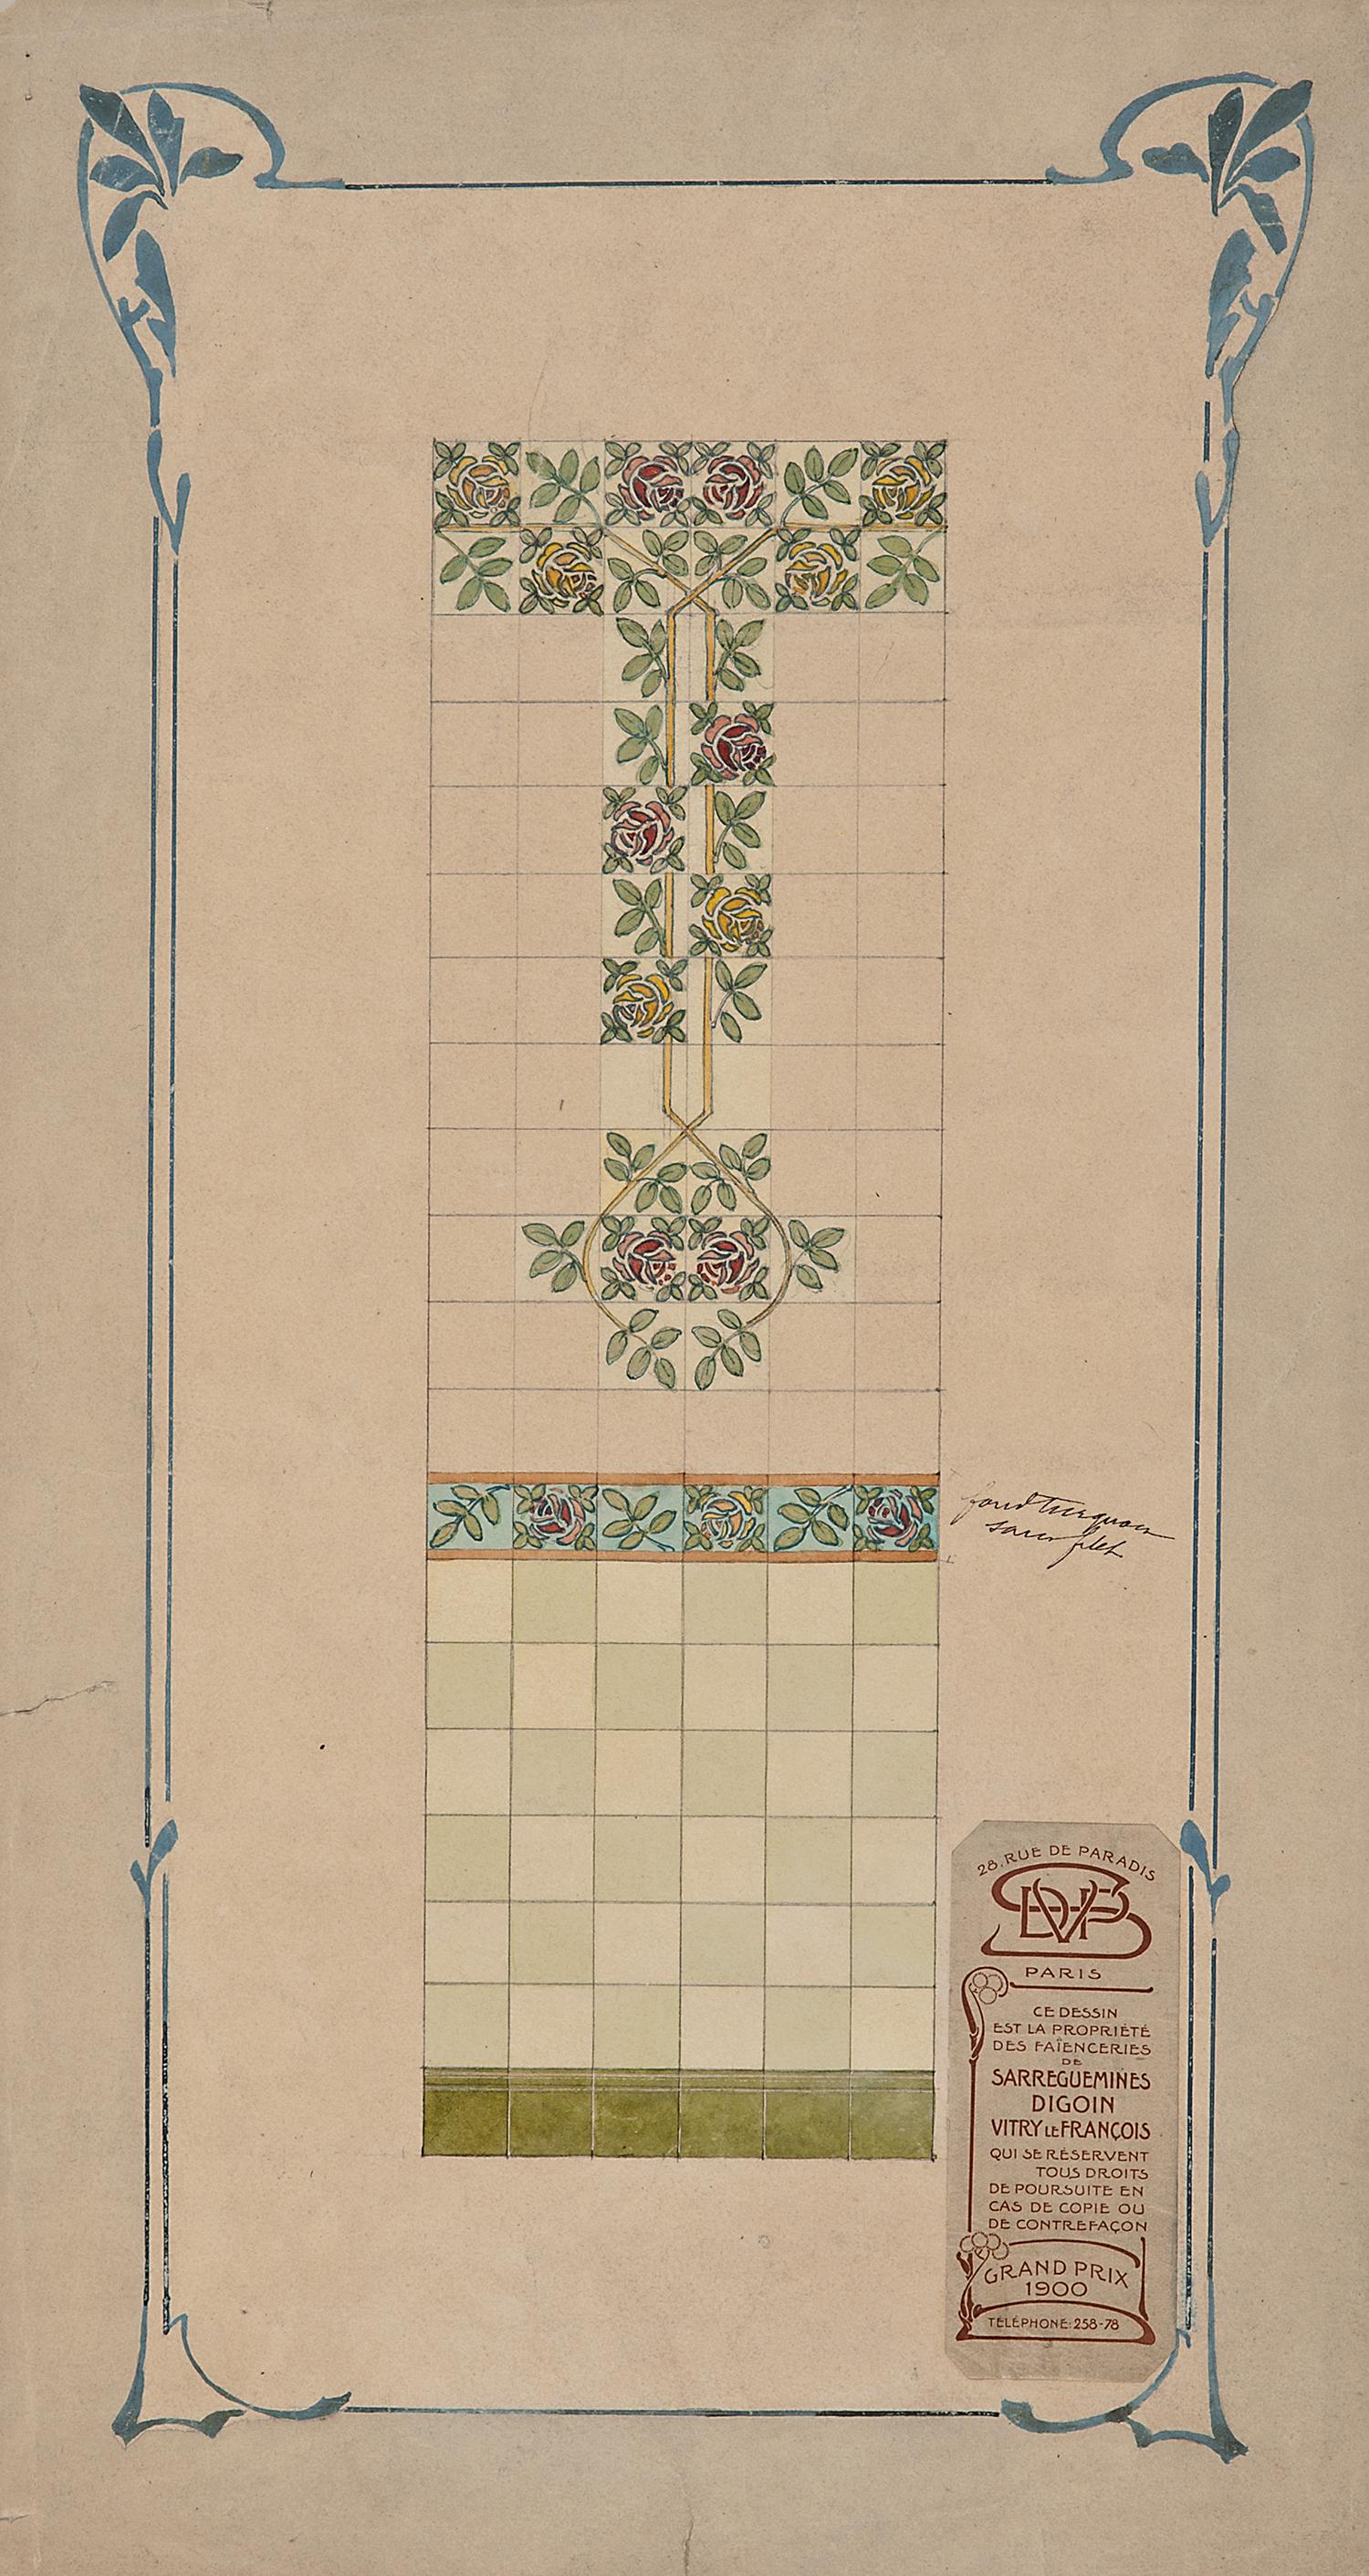 """Par l'atelier de Sarreguemines à Digoin, Tiles: Un projet de panneau mural en céramique, c. 1900, ink, watercolor and gouache, 18 x 9 3/4"""""""